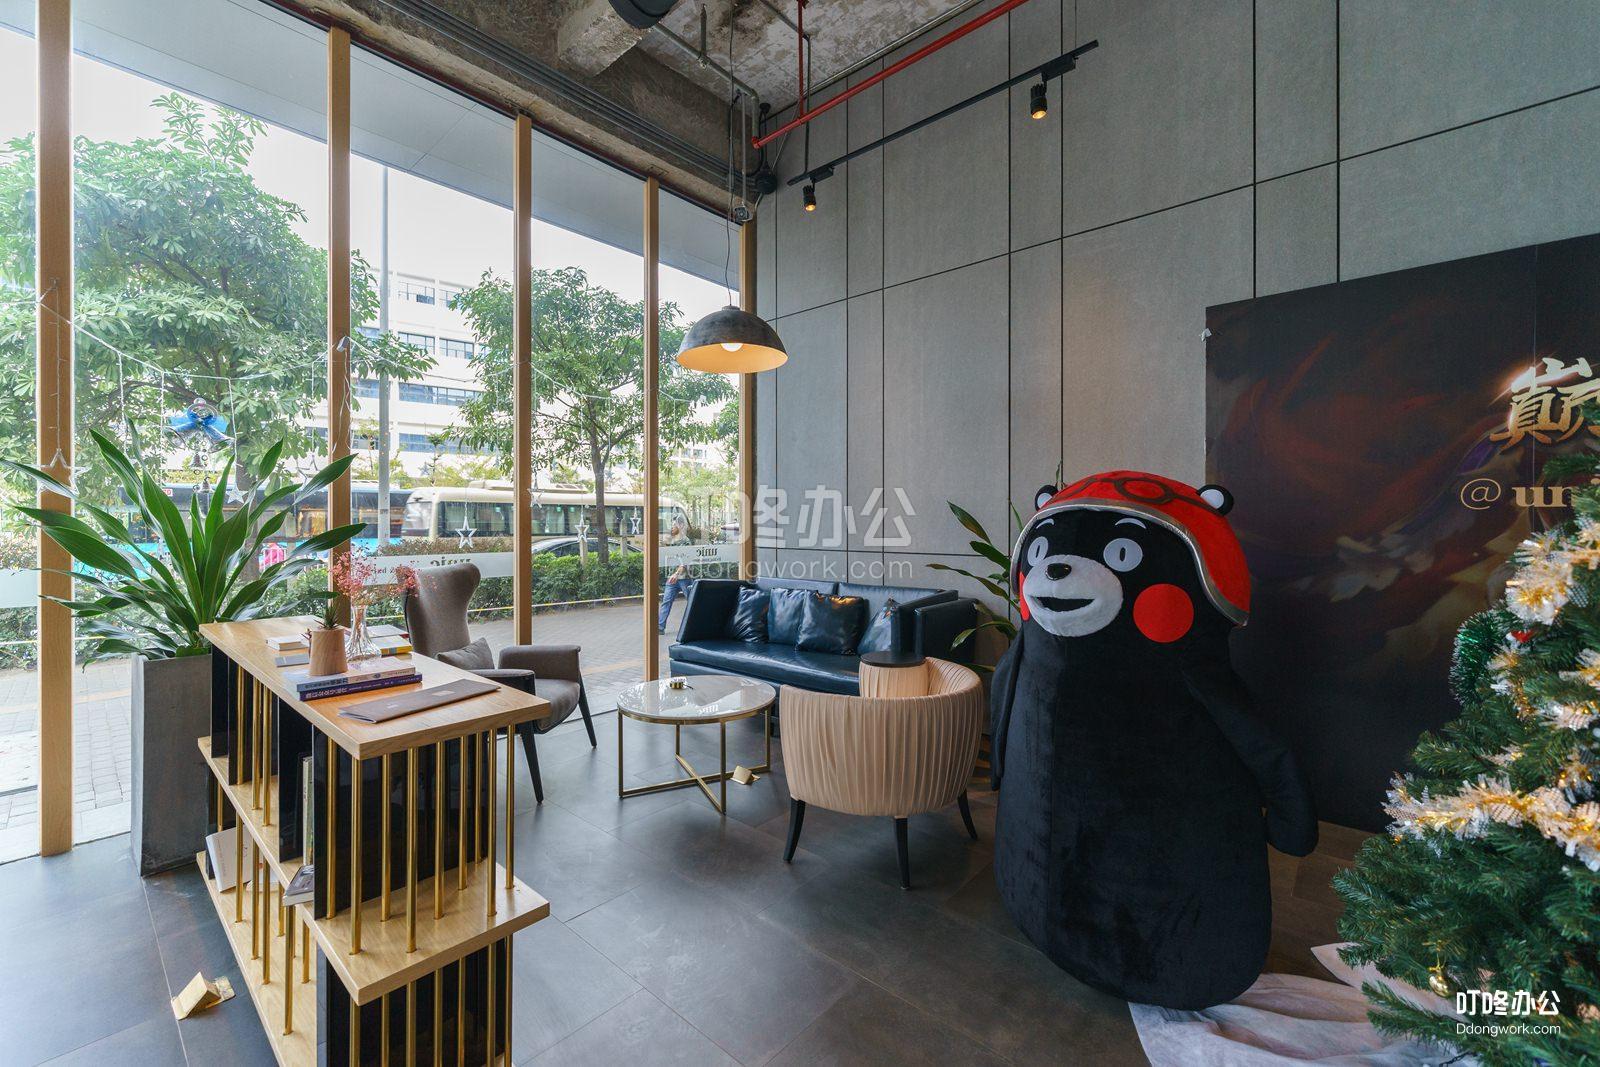 深圳Unic•优客工场公共区域